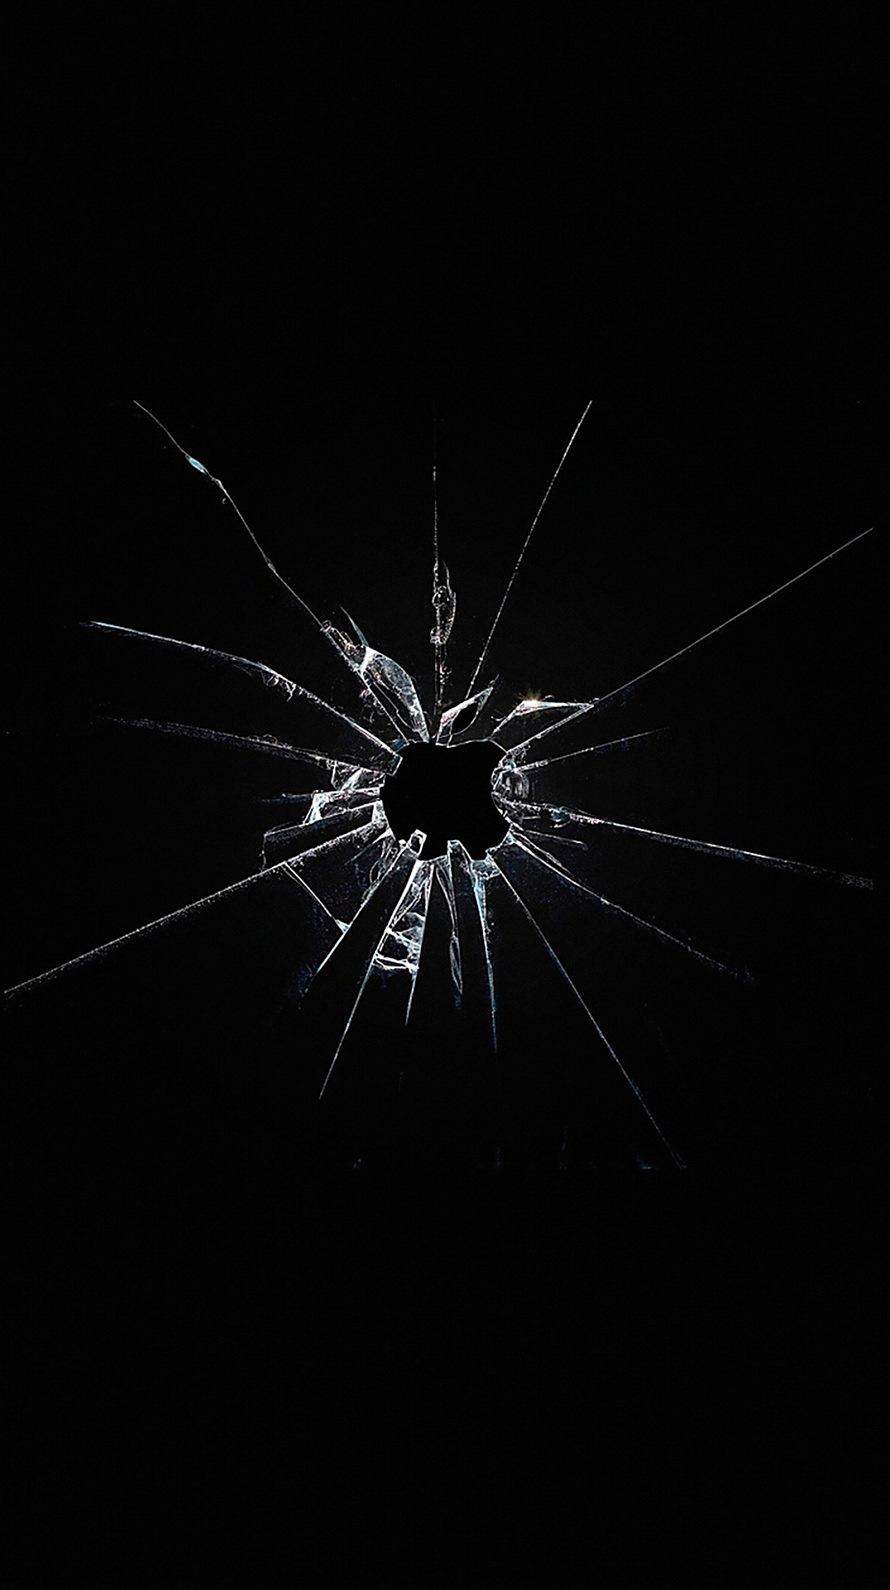 割れた黒いガラス iPhone6壁紙